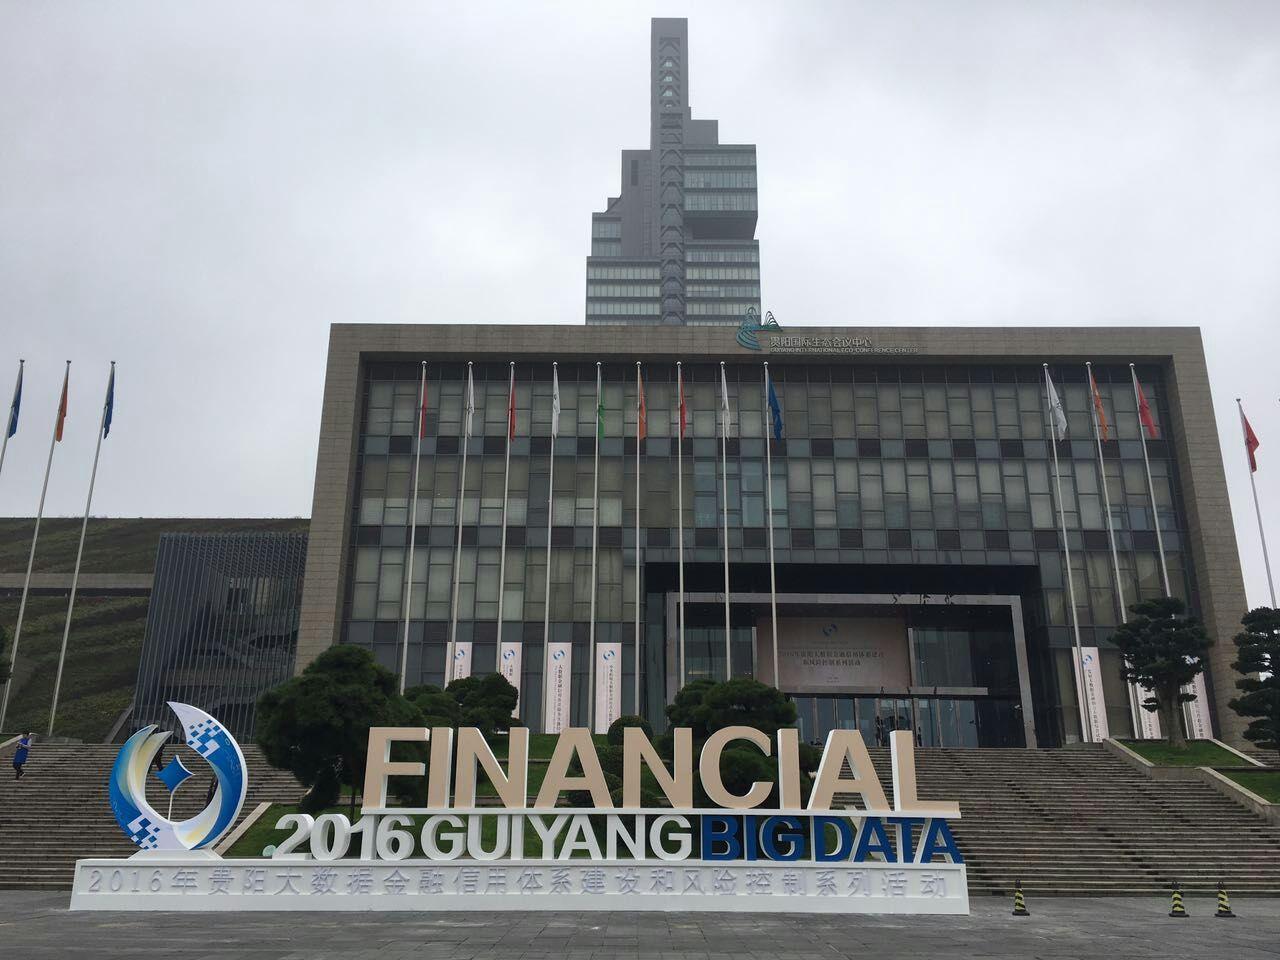 贵阳大数据浪潮迭起,华阳恒通主创大数据金融活动盛大开幕